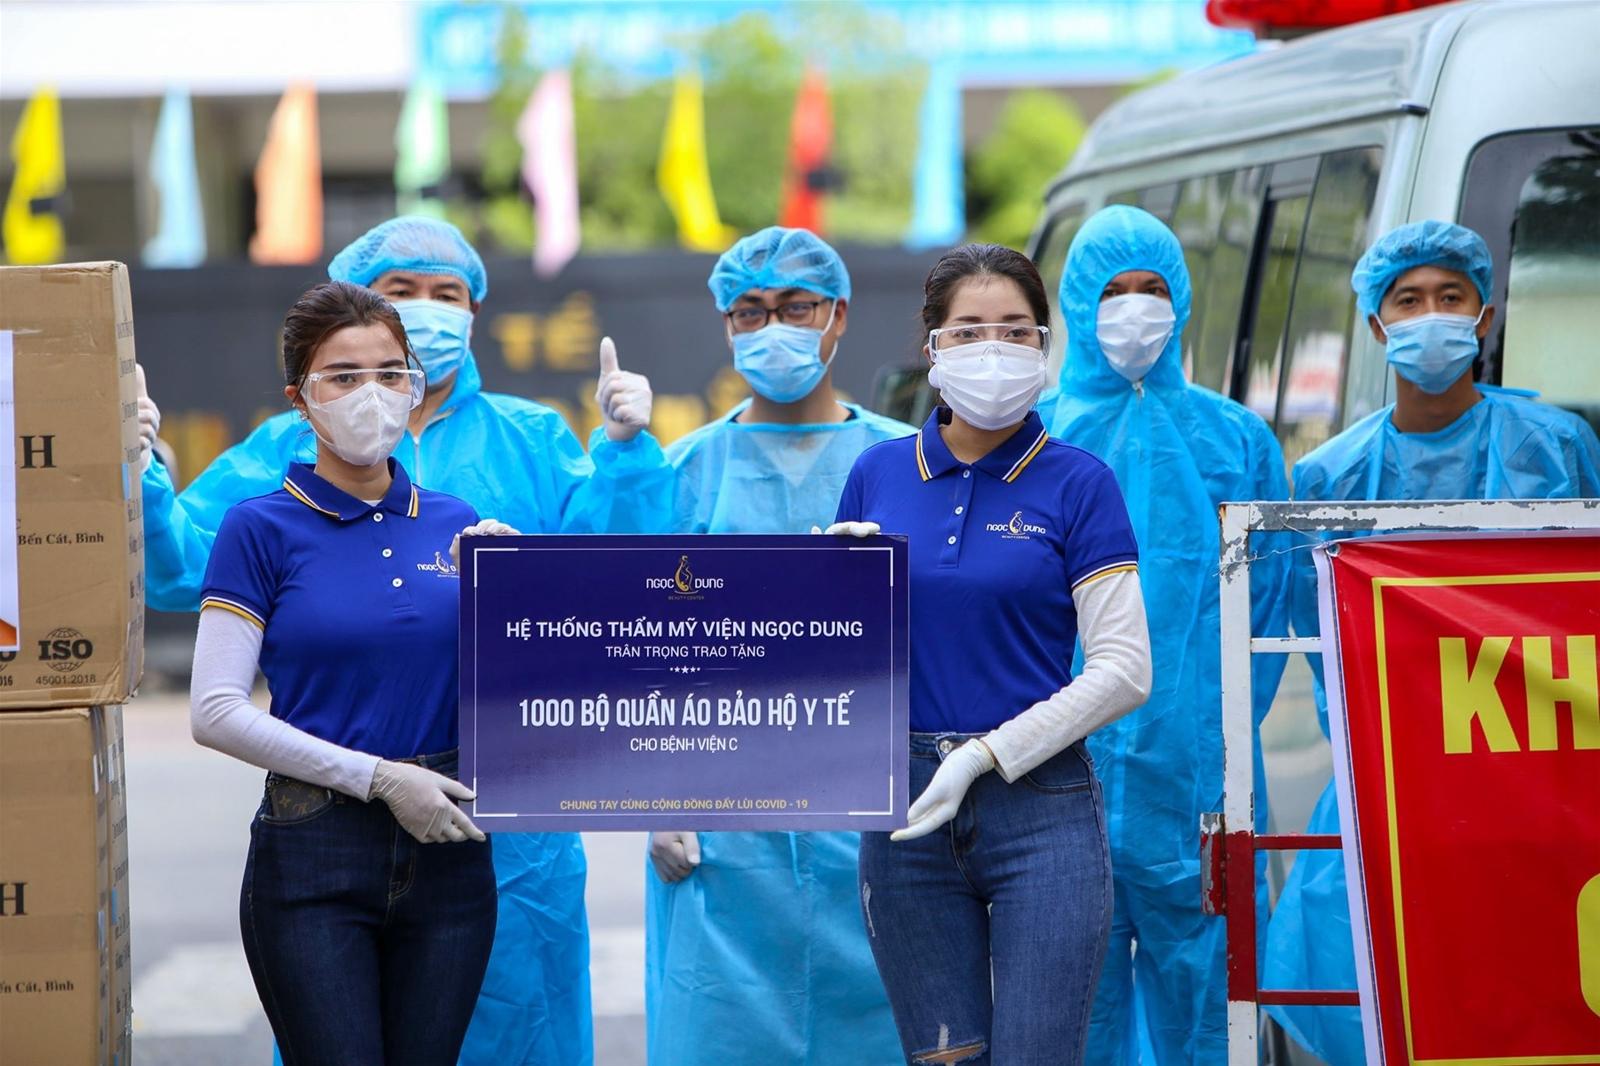 Hệ Thống Thẩm mỹ viện Ngọc Dung ủng hộ 7.000 bộ đồ bảo hộ ứng cứu Đà Nẵng